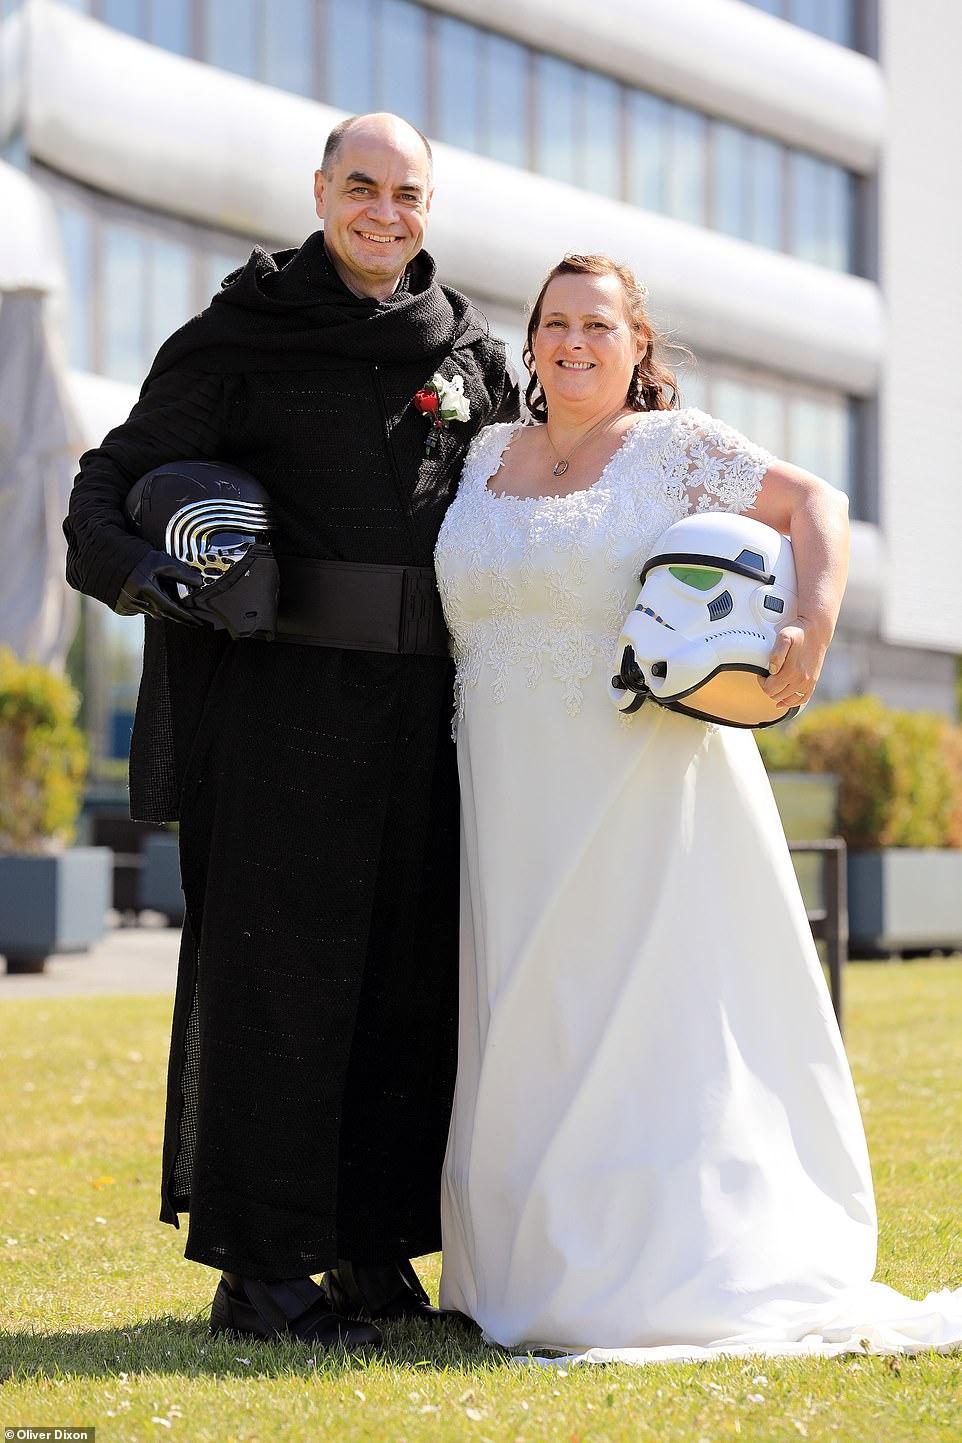 زوجان يرتدون ملابس لشخصيات خيالية من سلسلة أفلام حرب النجوم  (1)